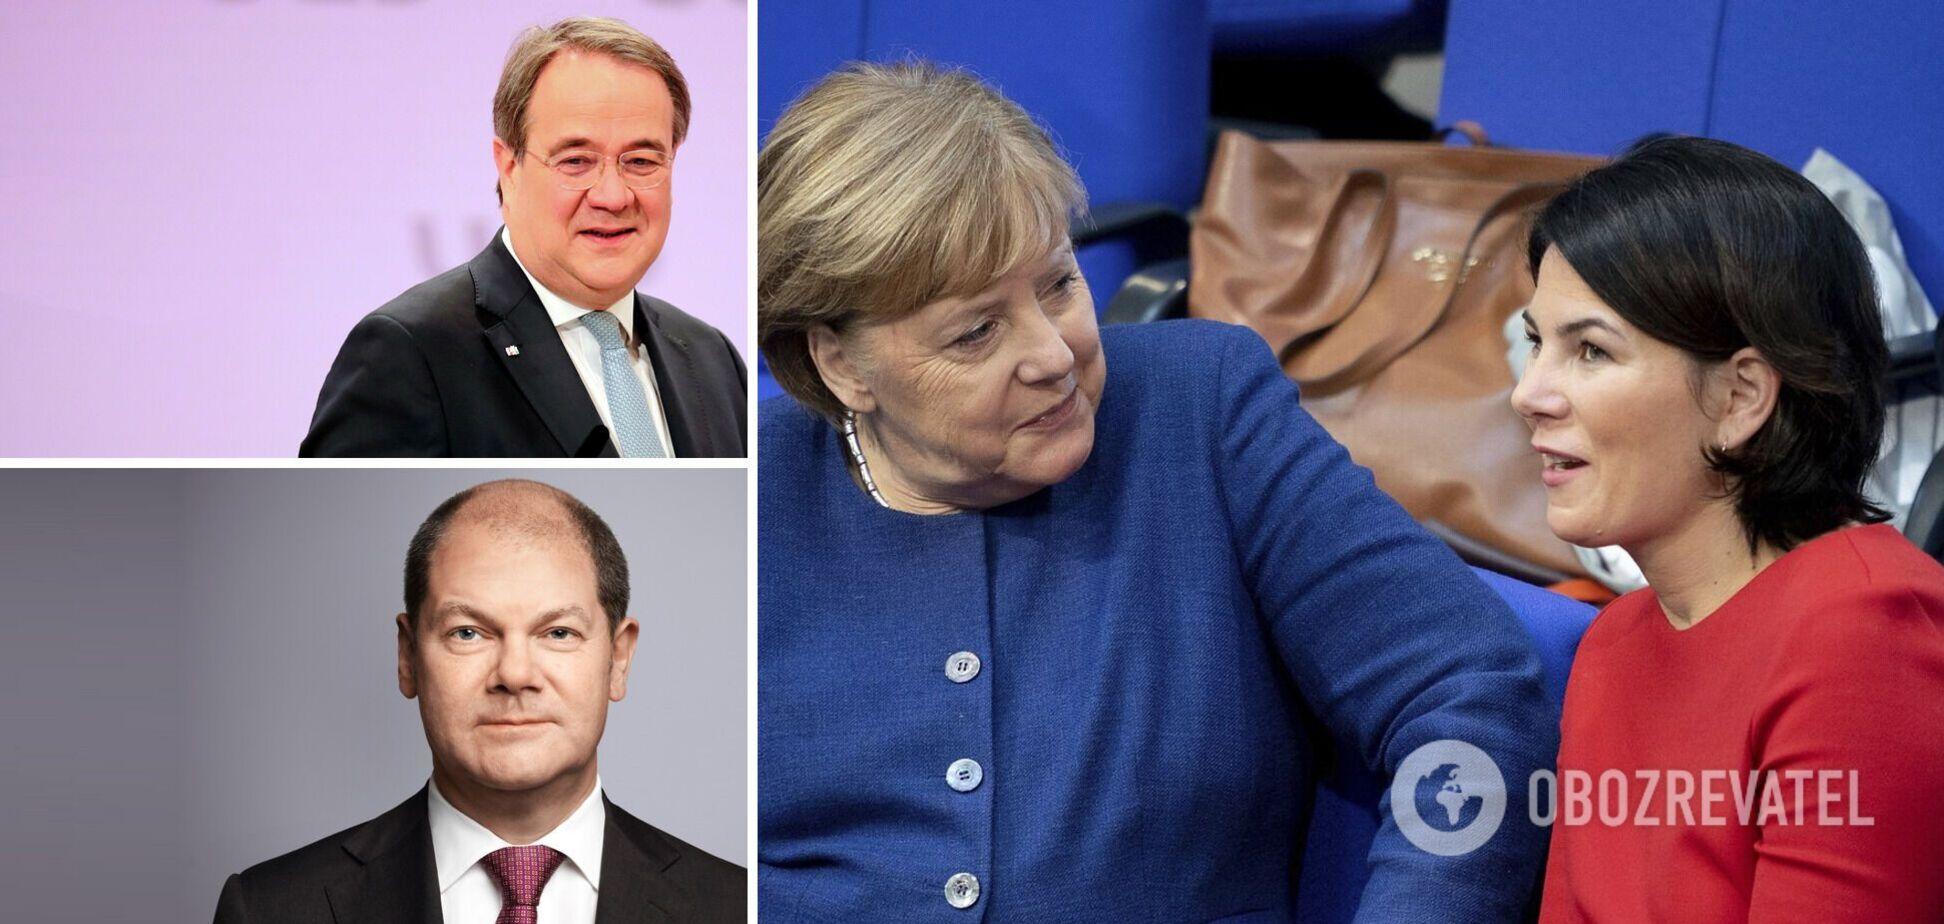 Заменить Ангелу Меркель на посту канцлера Германии могут Анналена Бербок, Армин Лашет или Олаф Шольц